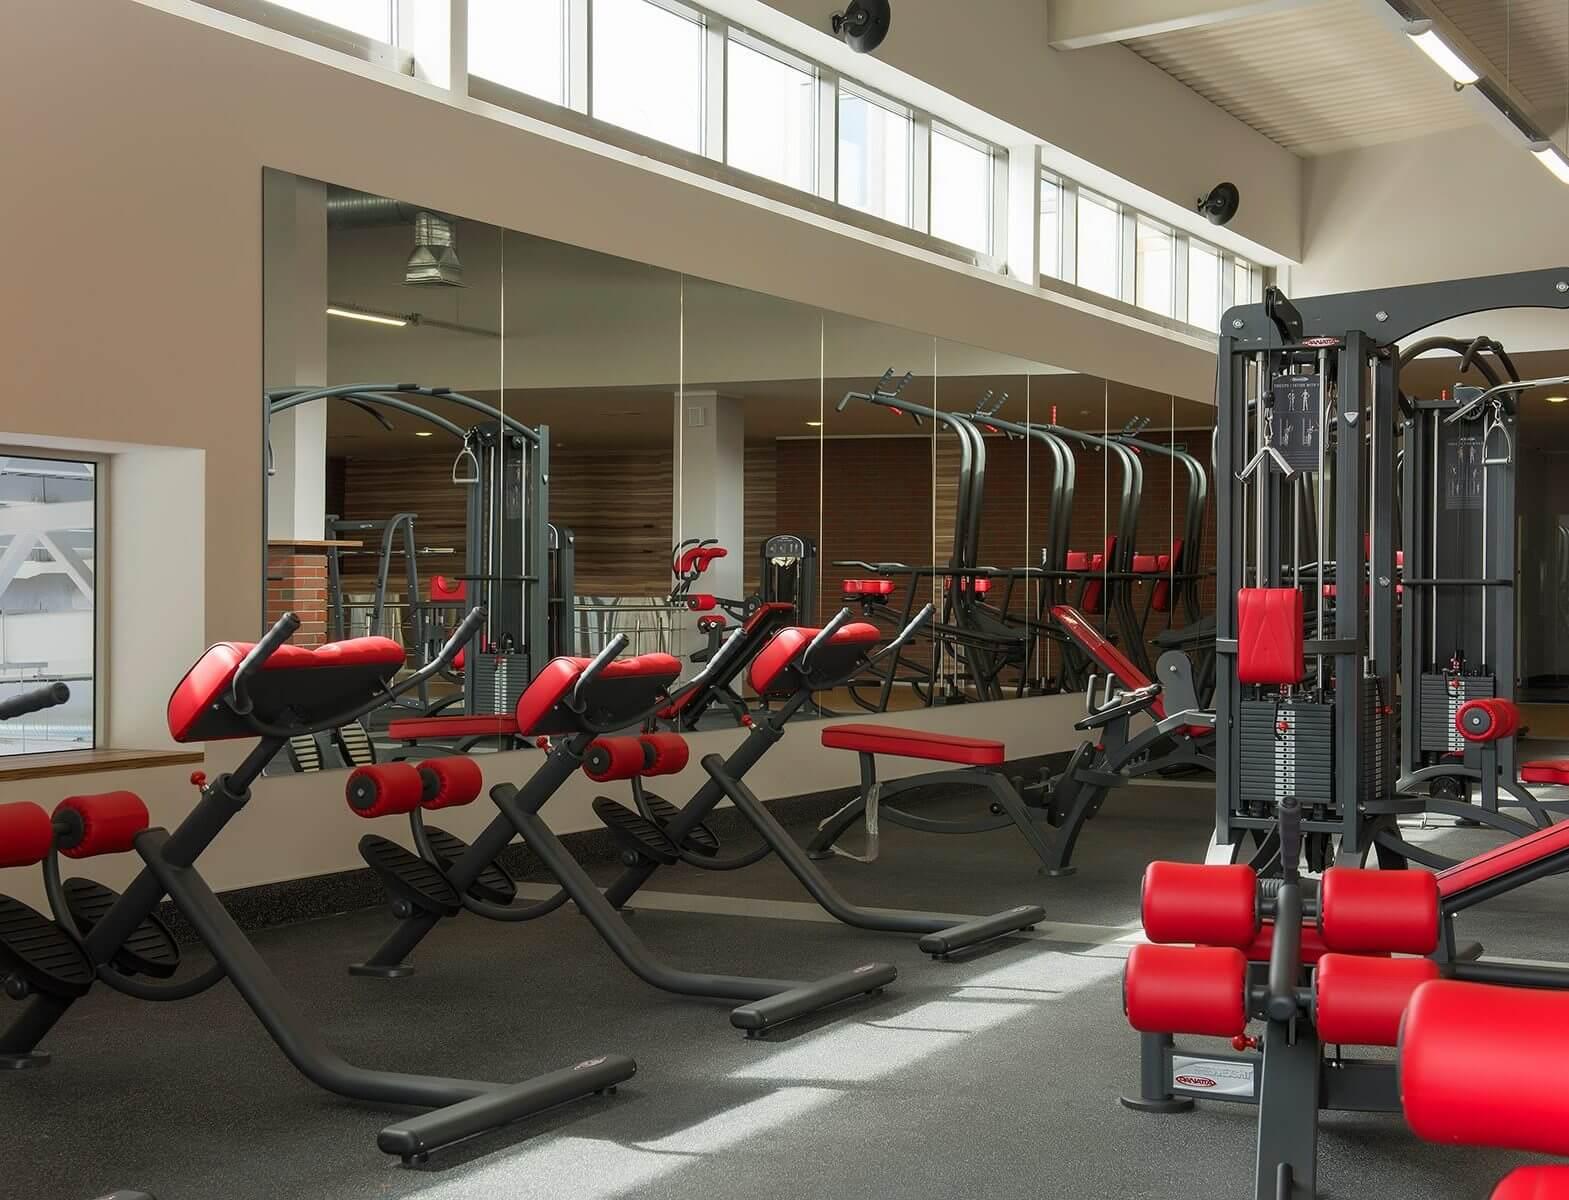 Galerie echipamente fitness 2014 - 4